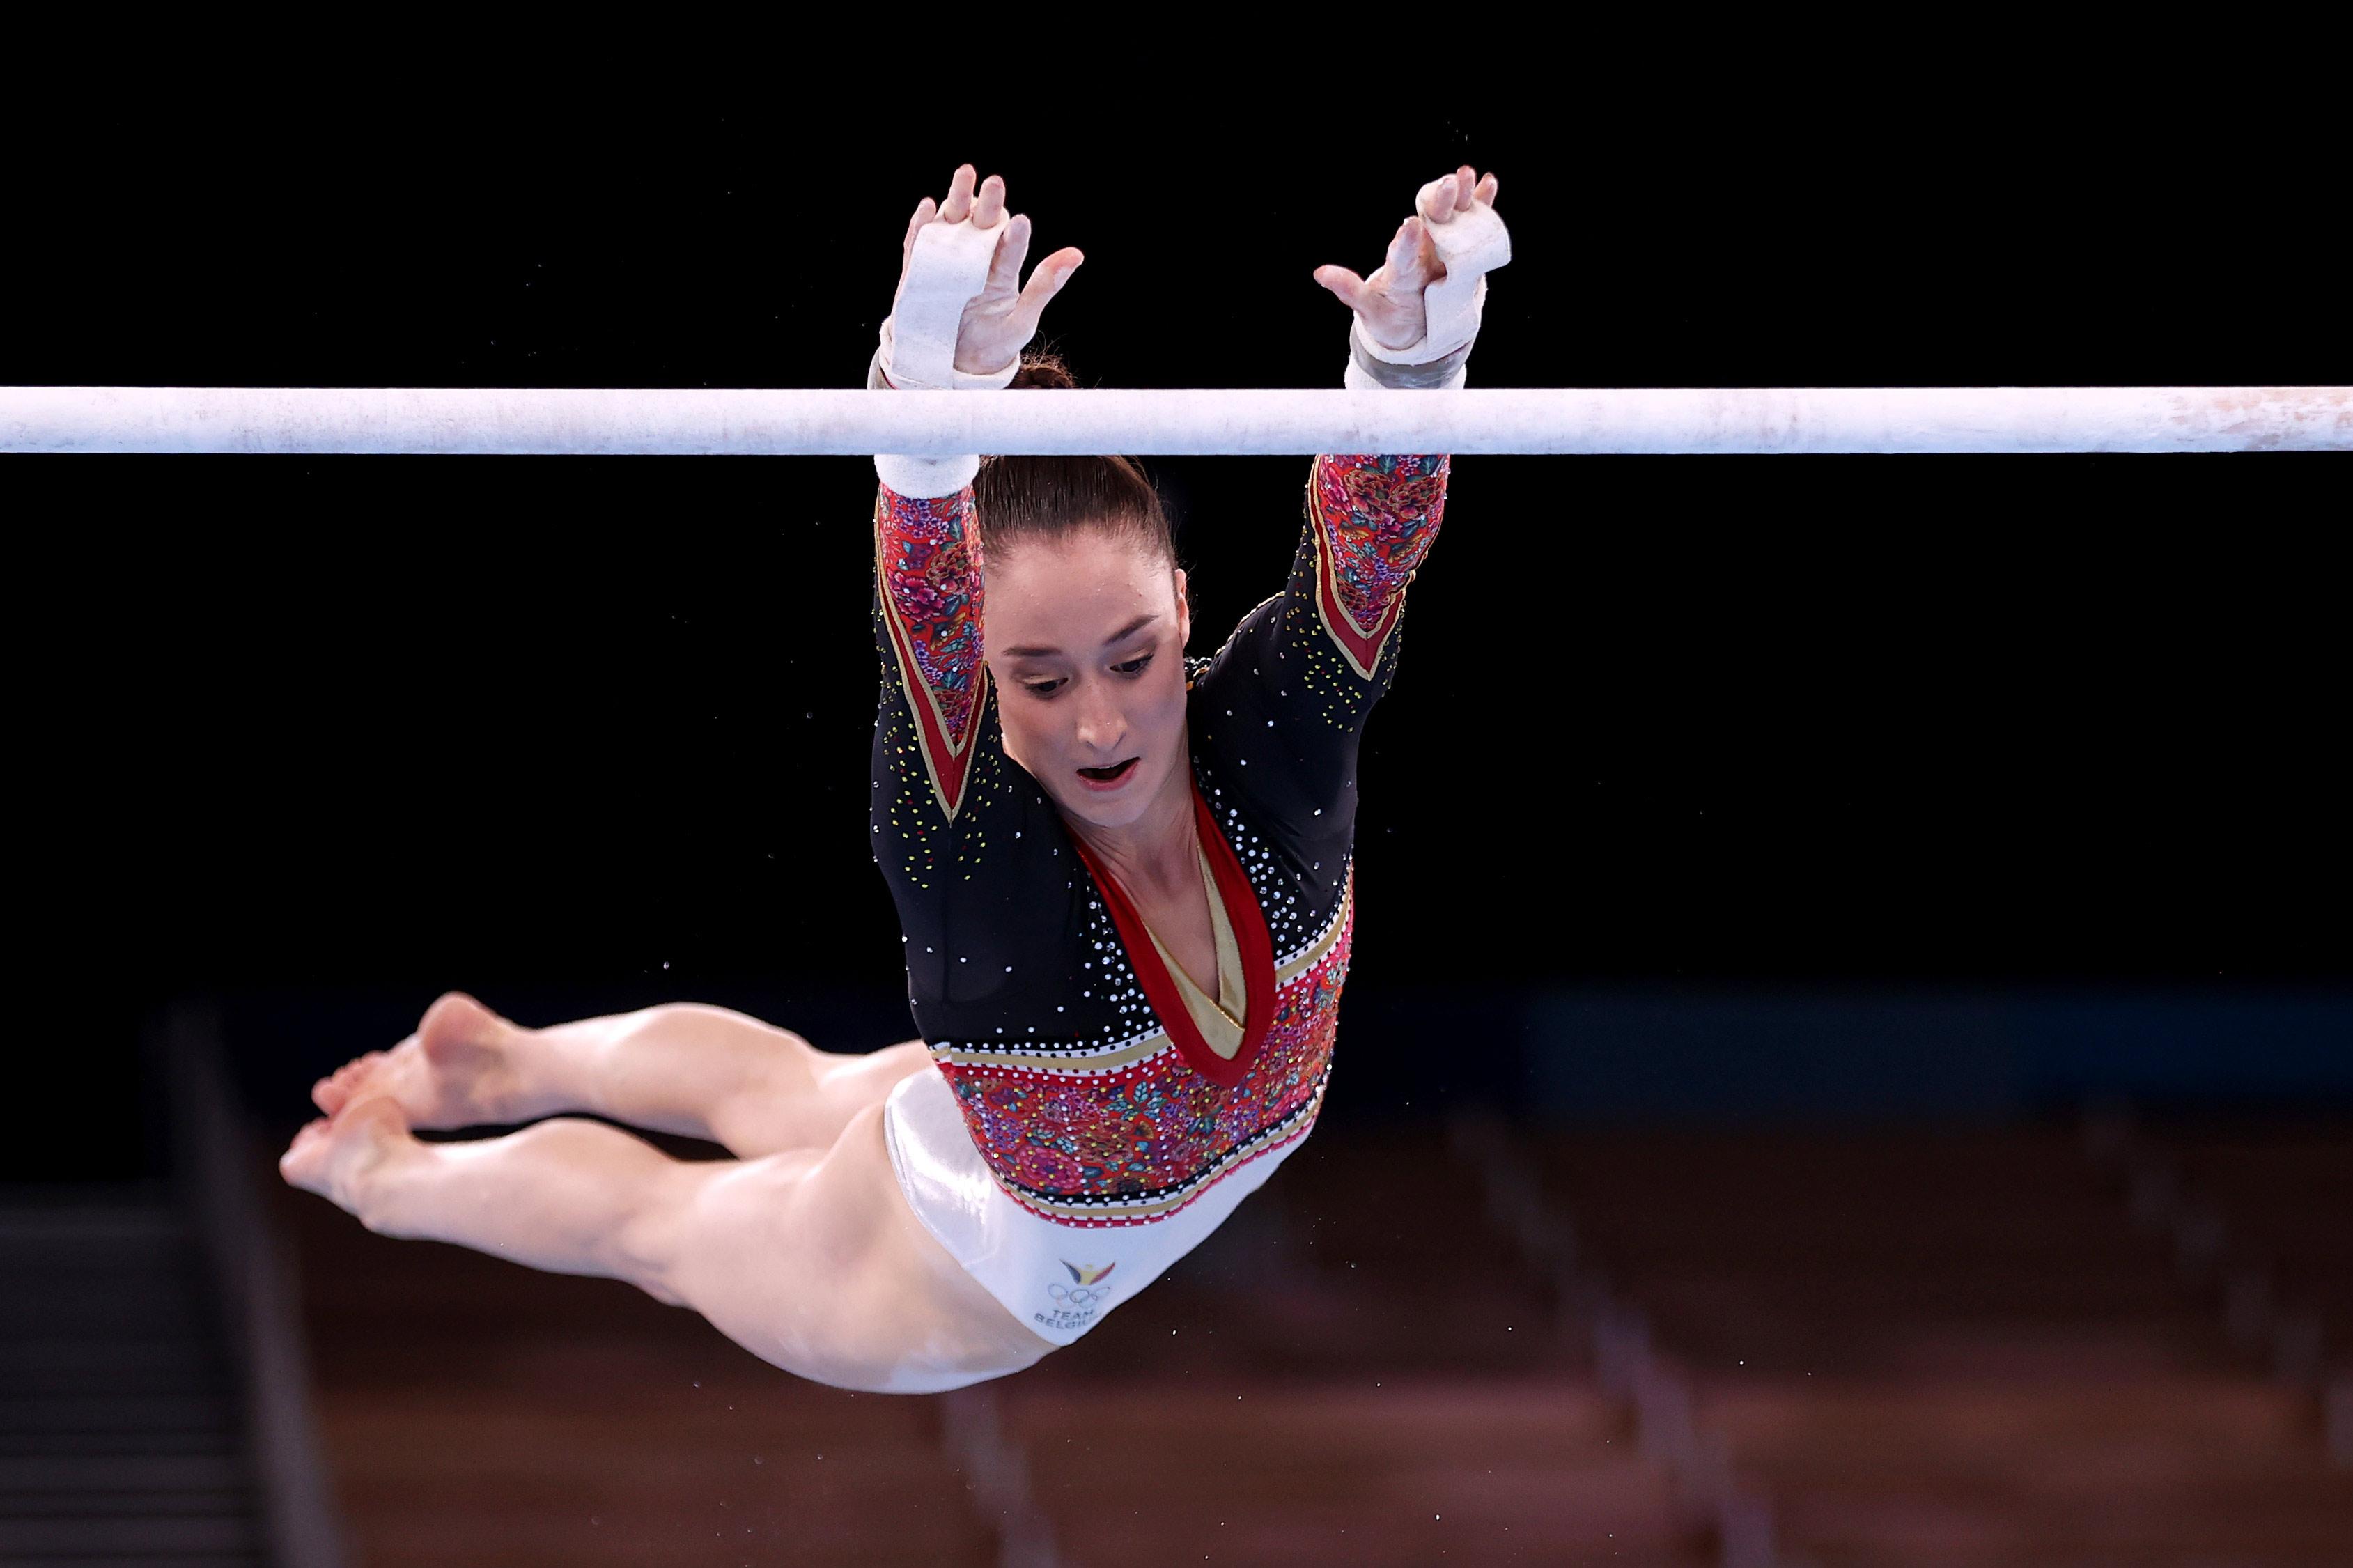 Belgium's Nina Derwael competes in the uneven bars final on August 1.